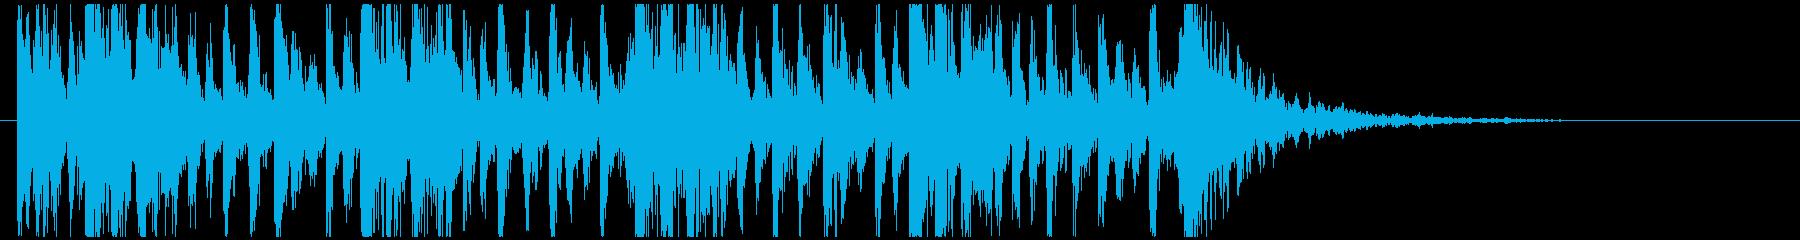 和太鼓のフレーズ1。残響なしBPM136の再生済みの波形